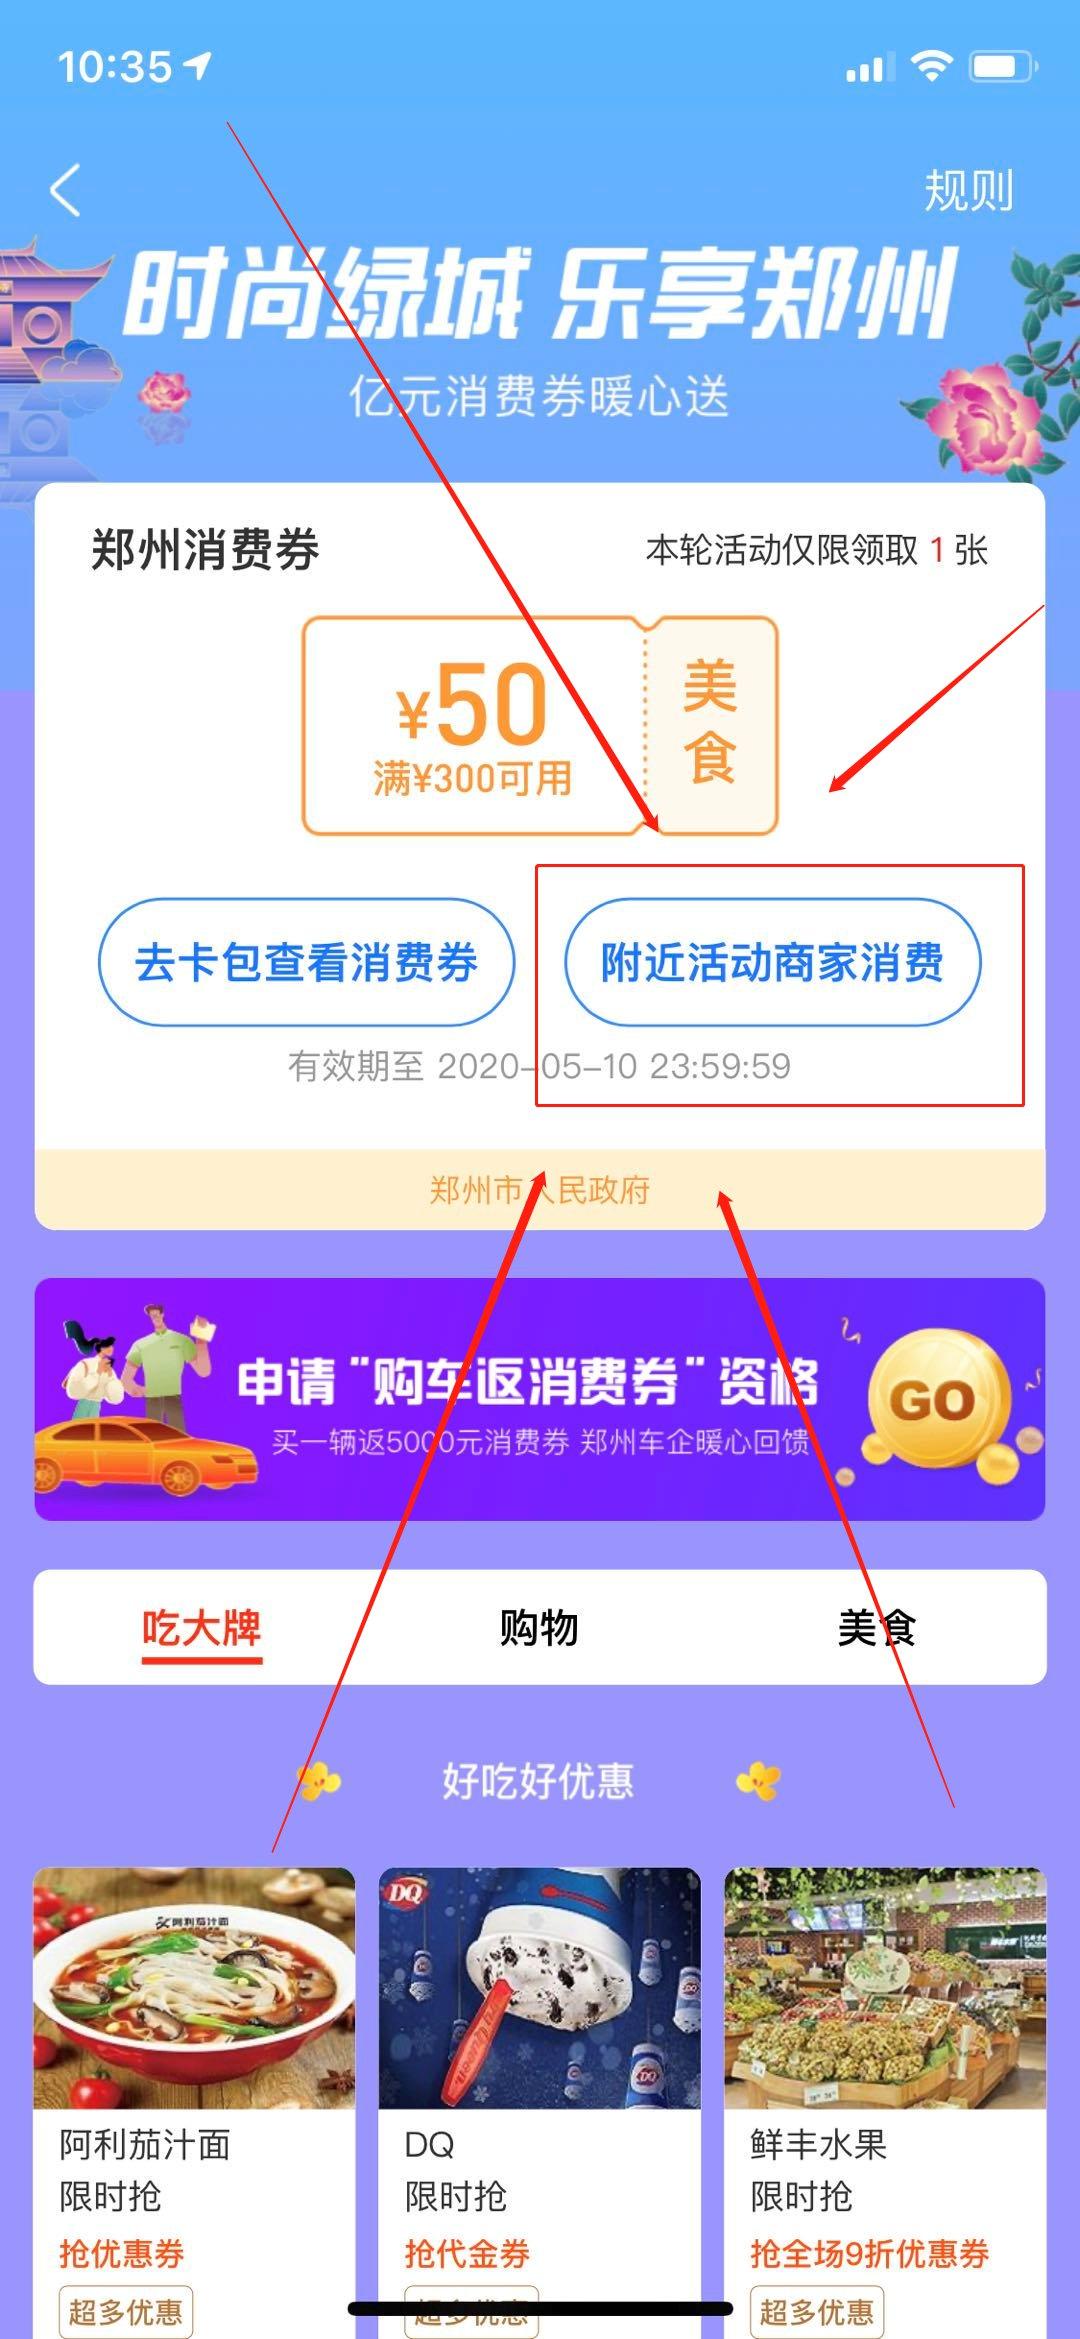 2020郑州消费券可以在哪里使用?